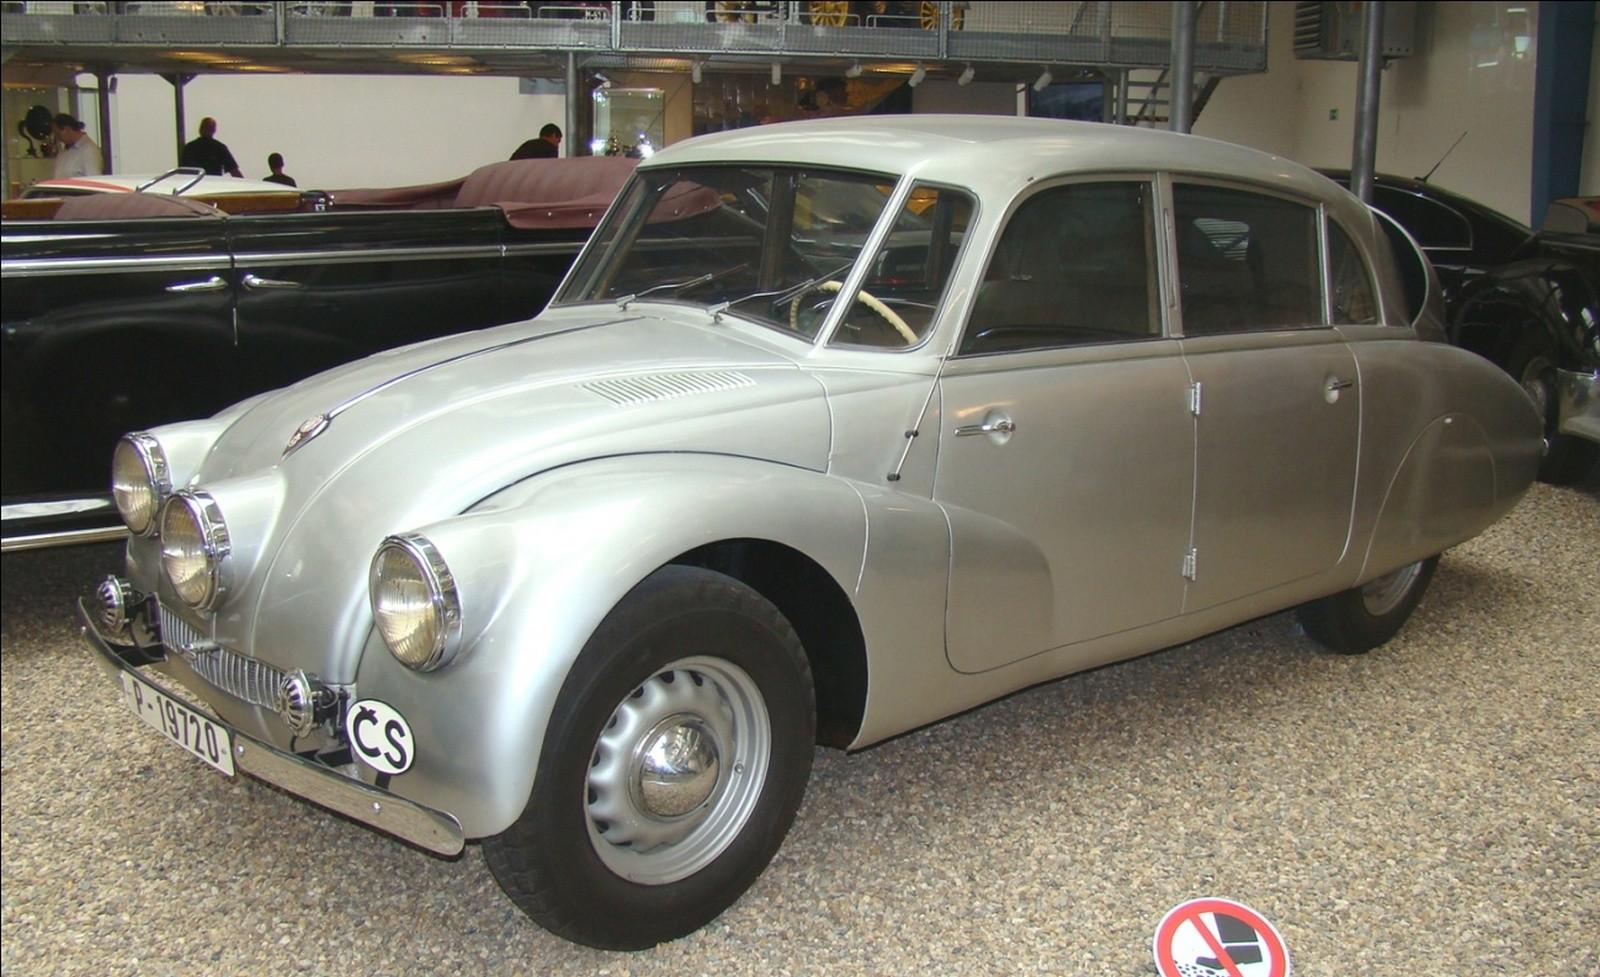 Знаменитый чехословацкий обтекаемый автомобиль Tatra-87 (фото автора)